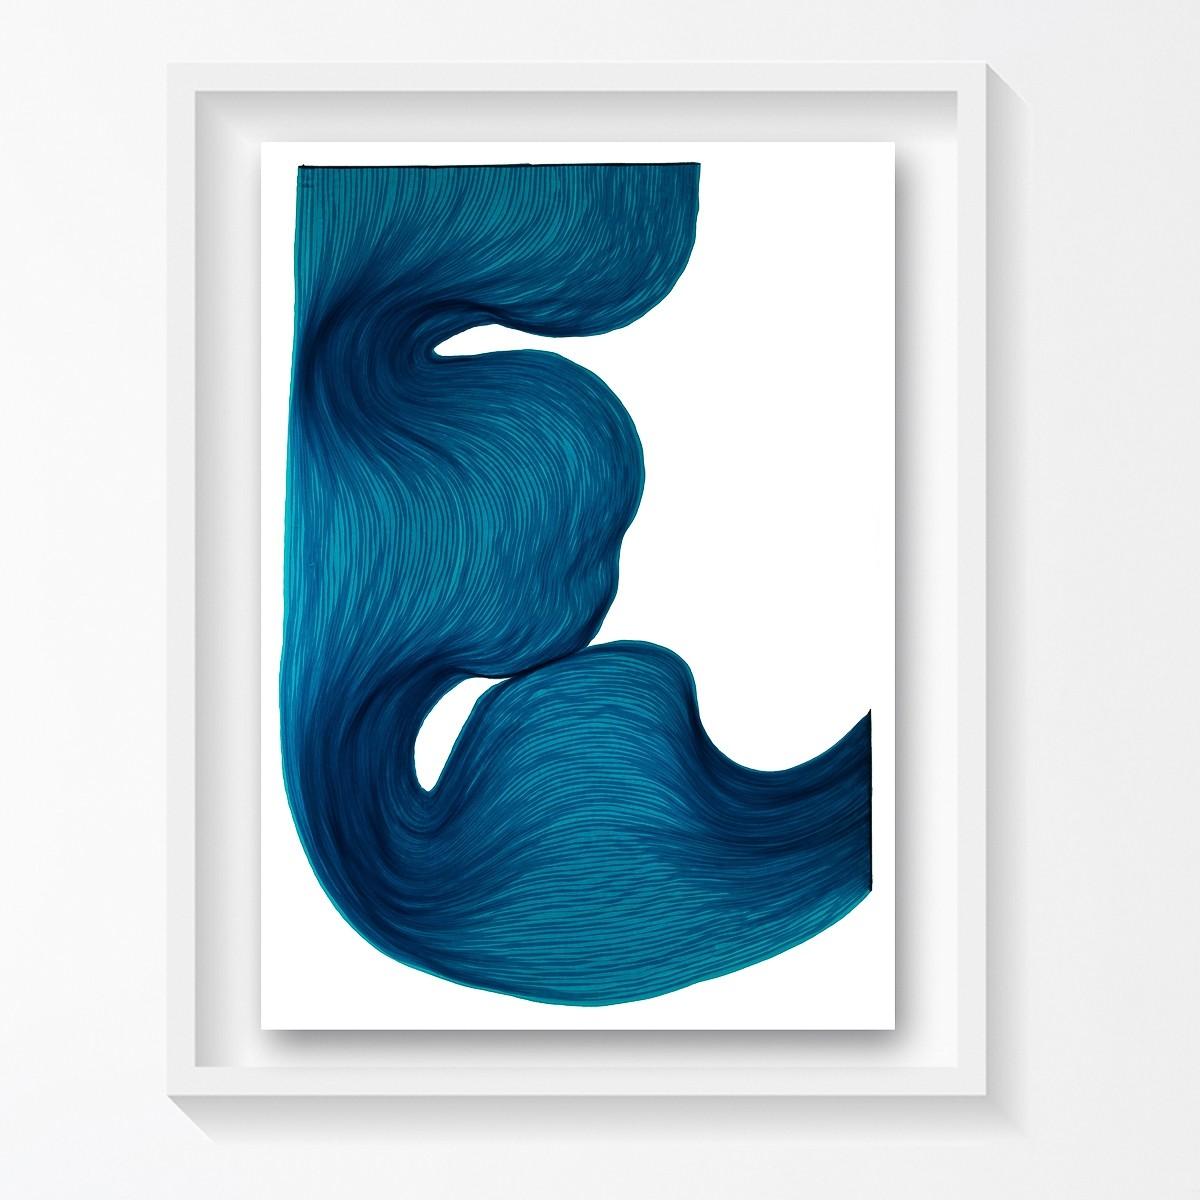 Rich Blue | Lali Torma | Zeichnung | Kalligraphietusche auf Papier, gerahmt